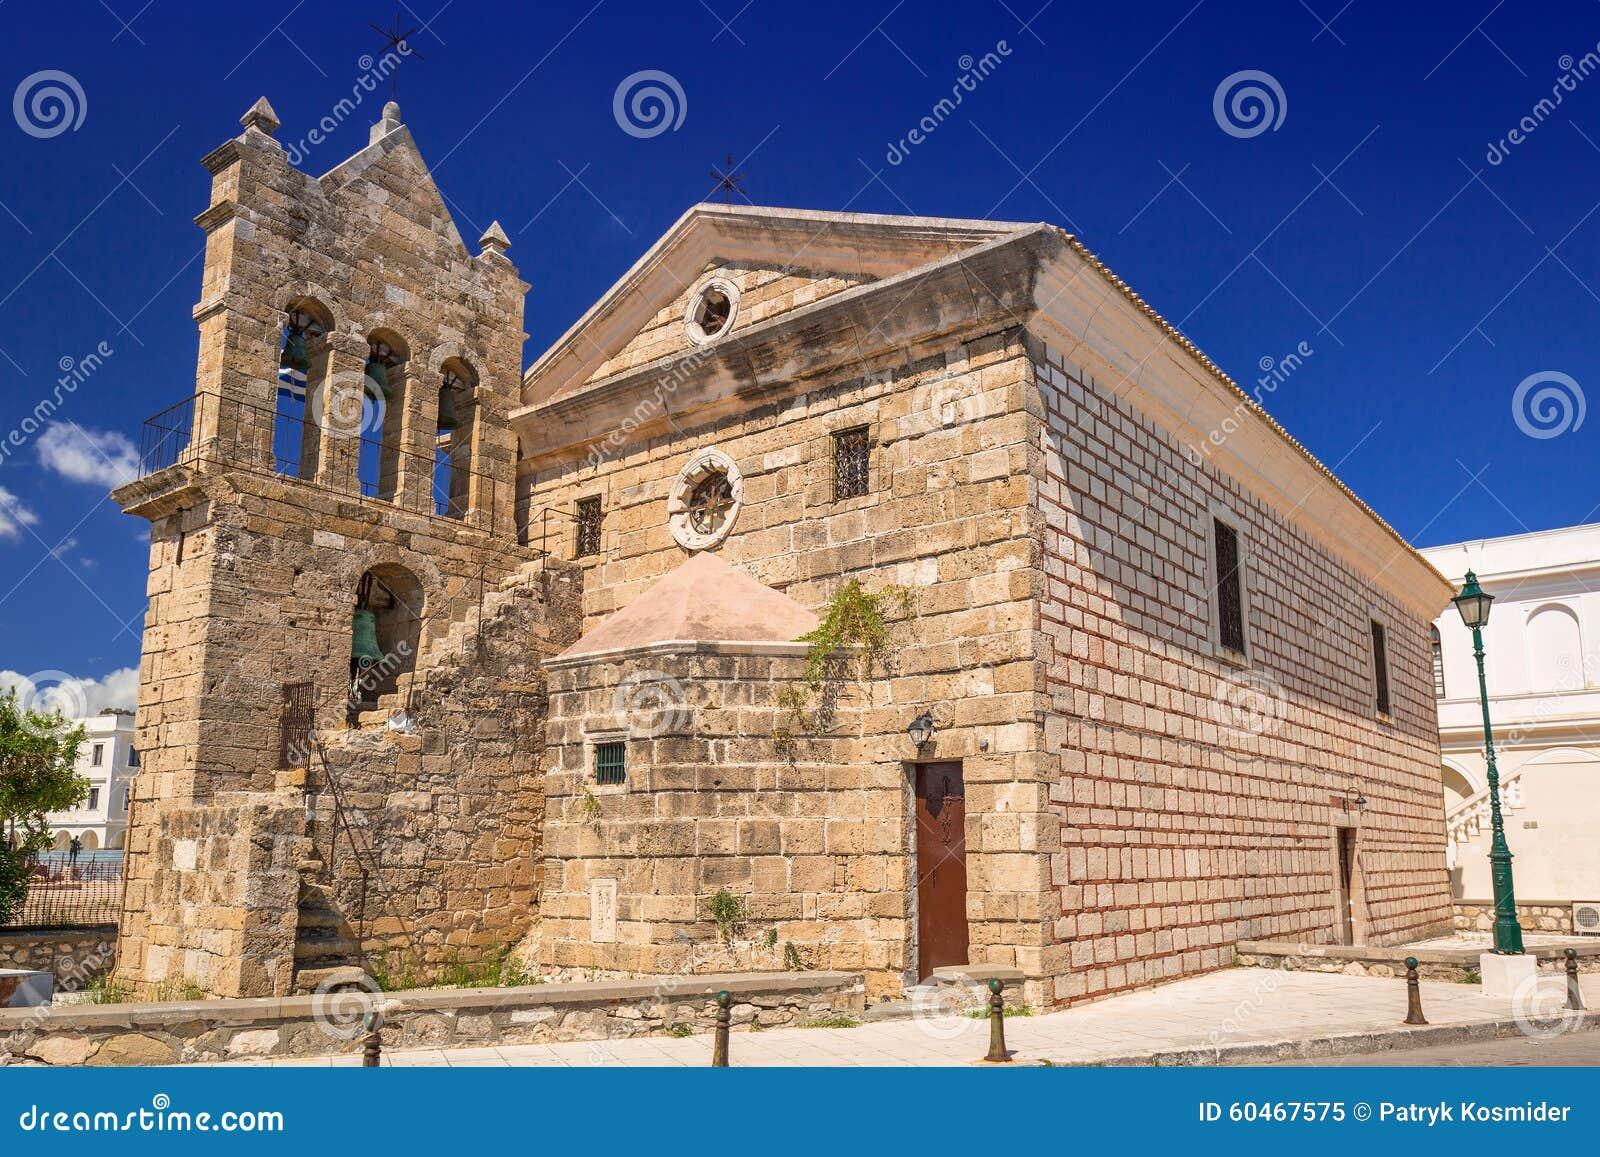 Η εκκλησία Άγιου Βασίλη του τυφλοπόντικα στη Ζάκυνθο, Ελλάδα